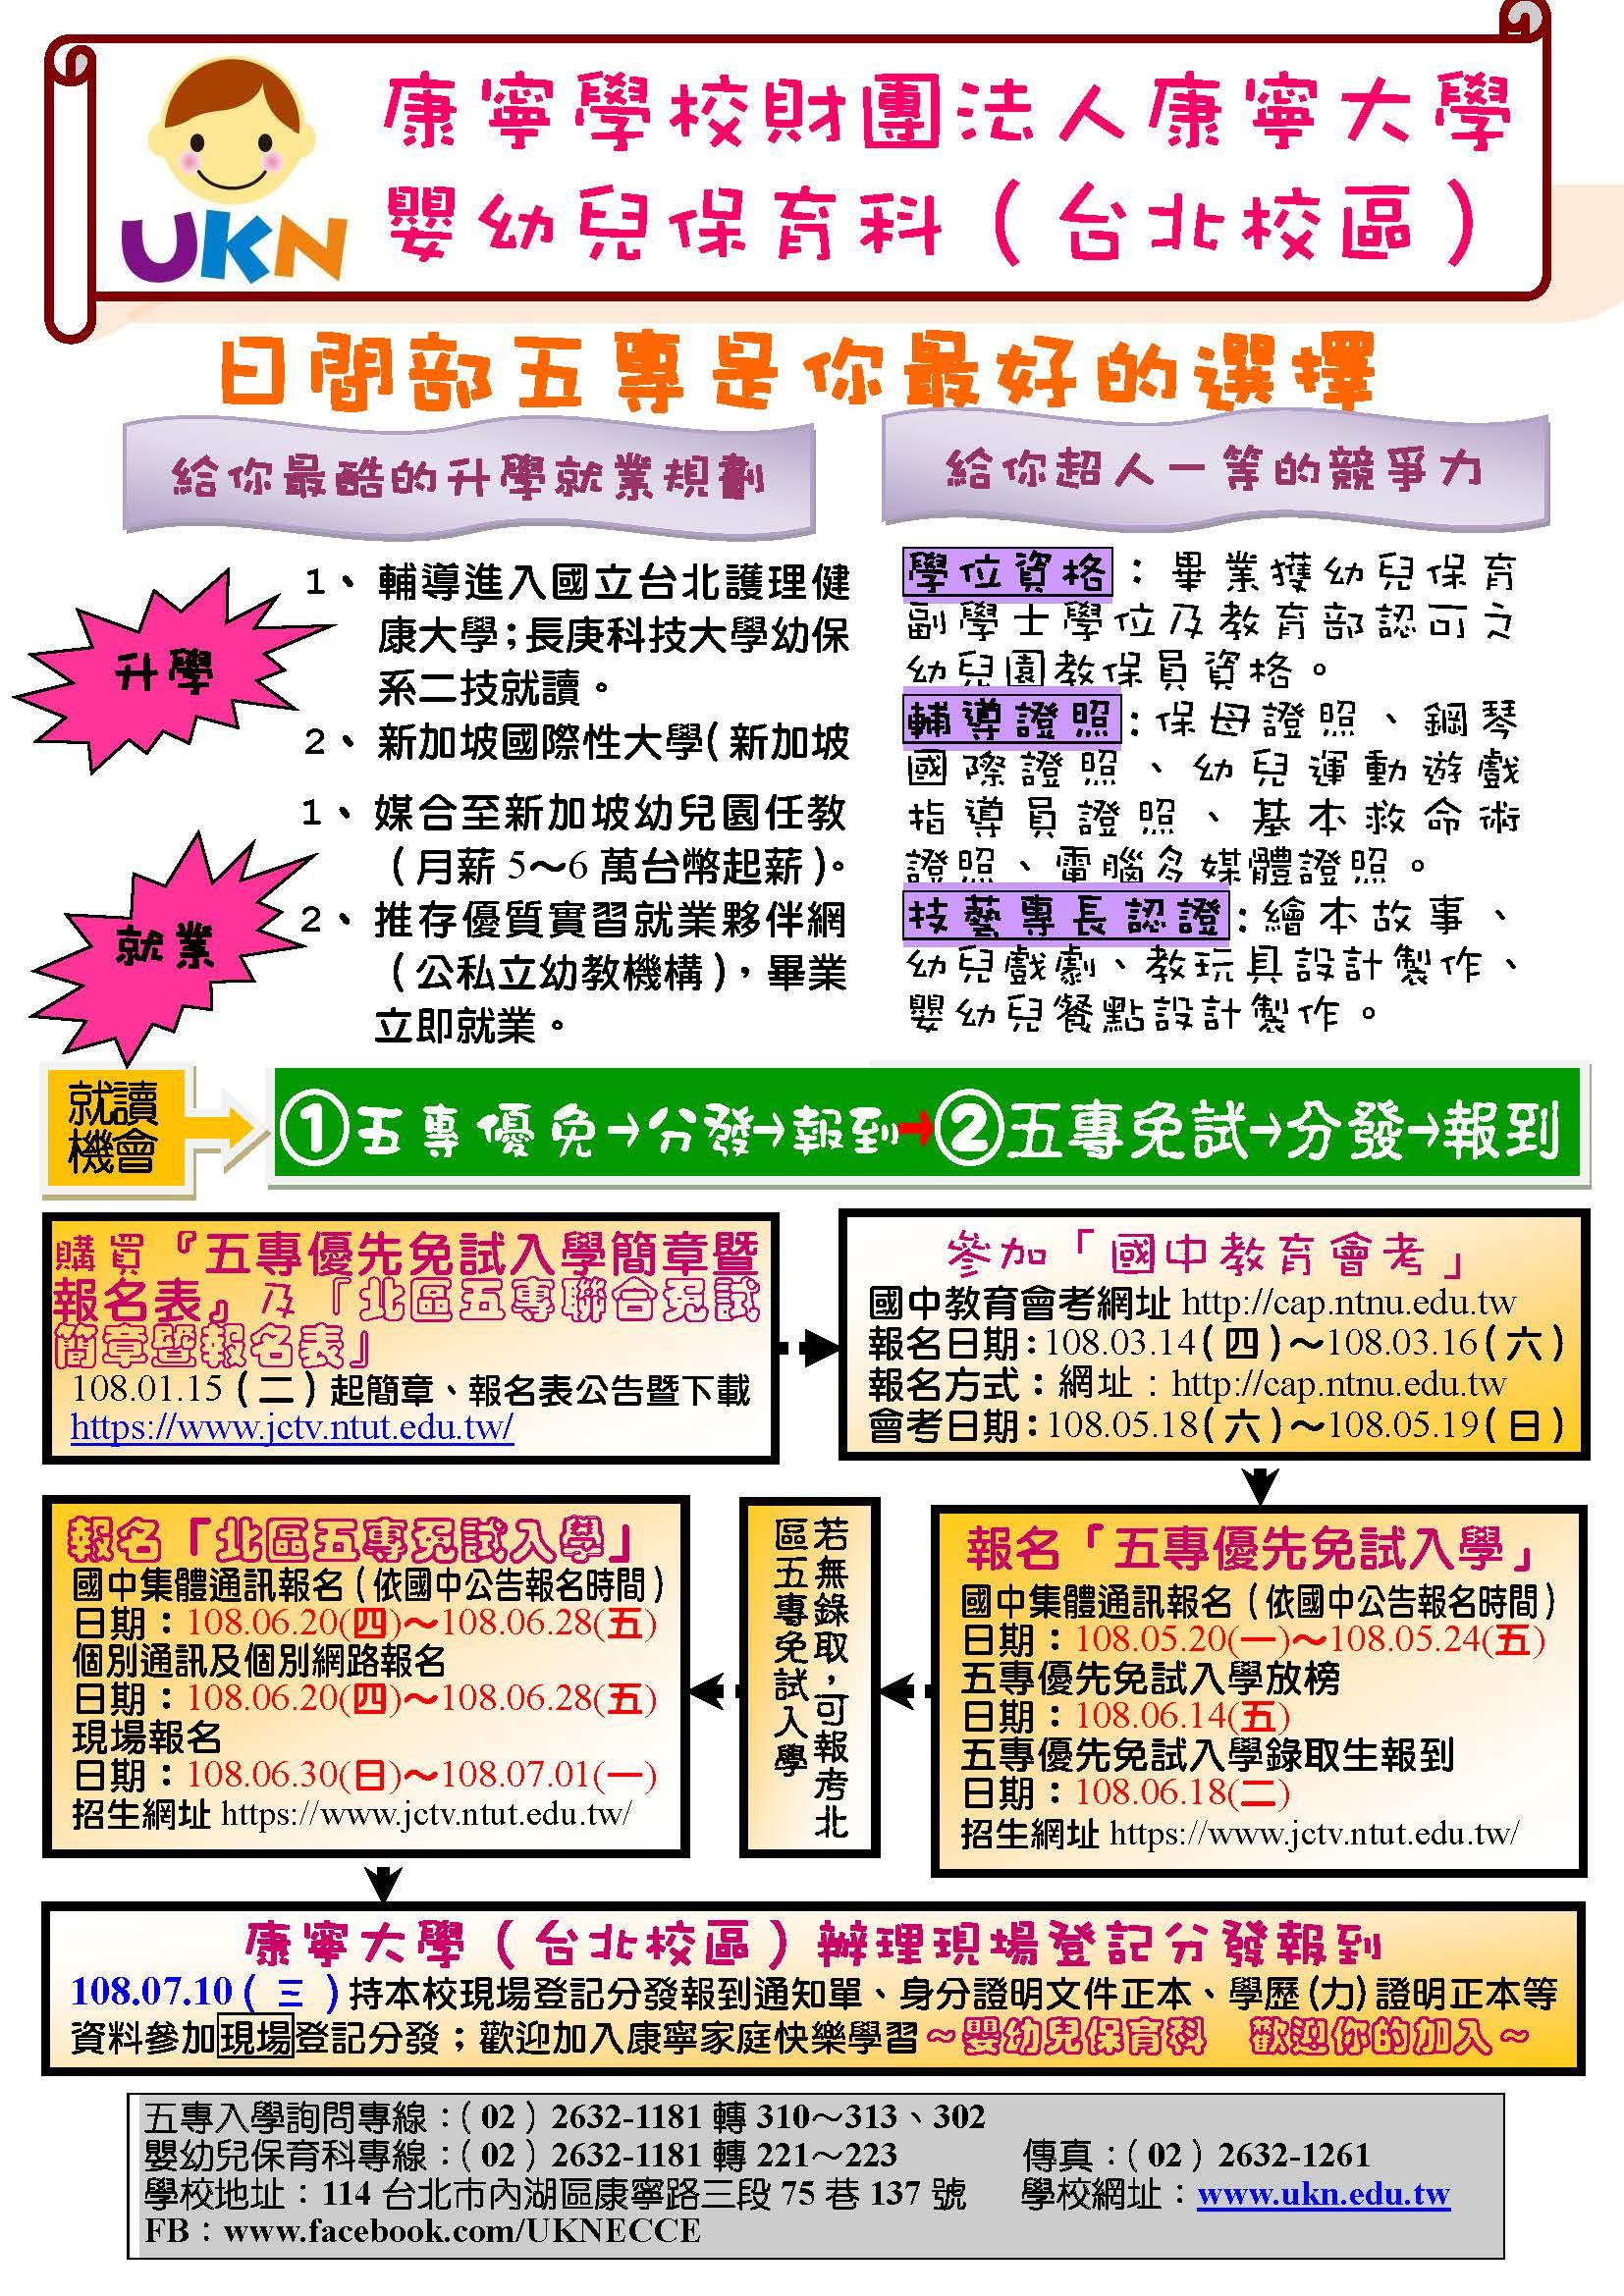 108學年度招生DM日間部五專-1080107 001